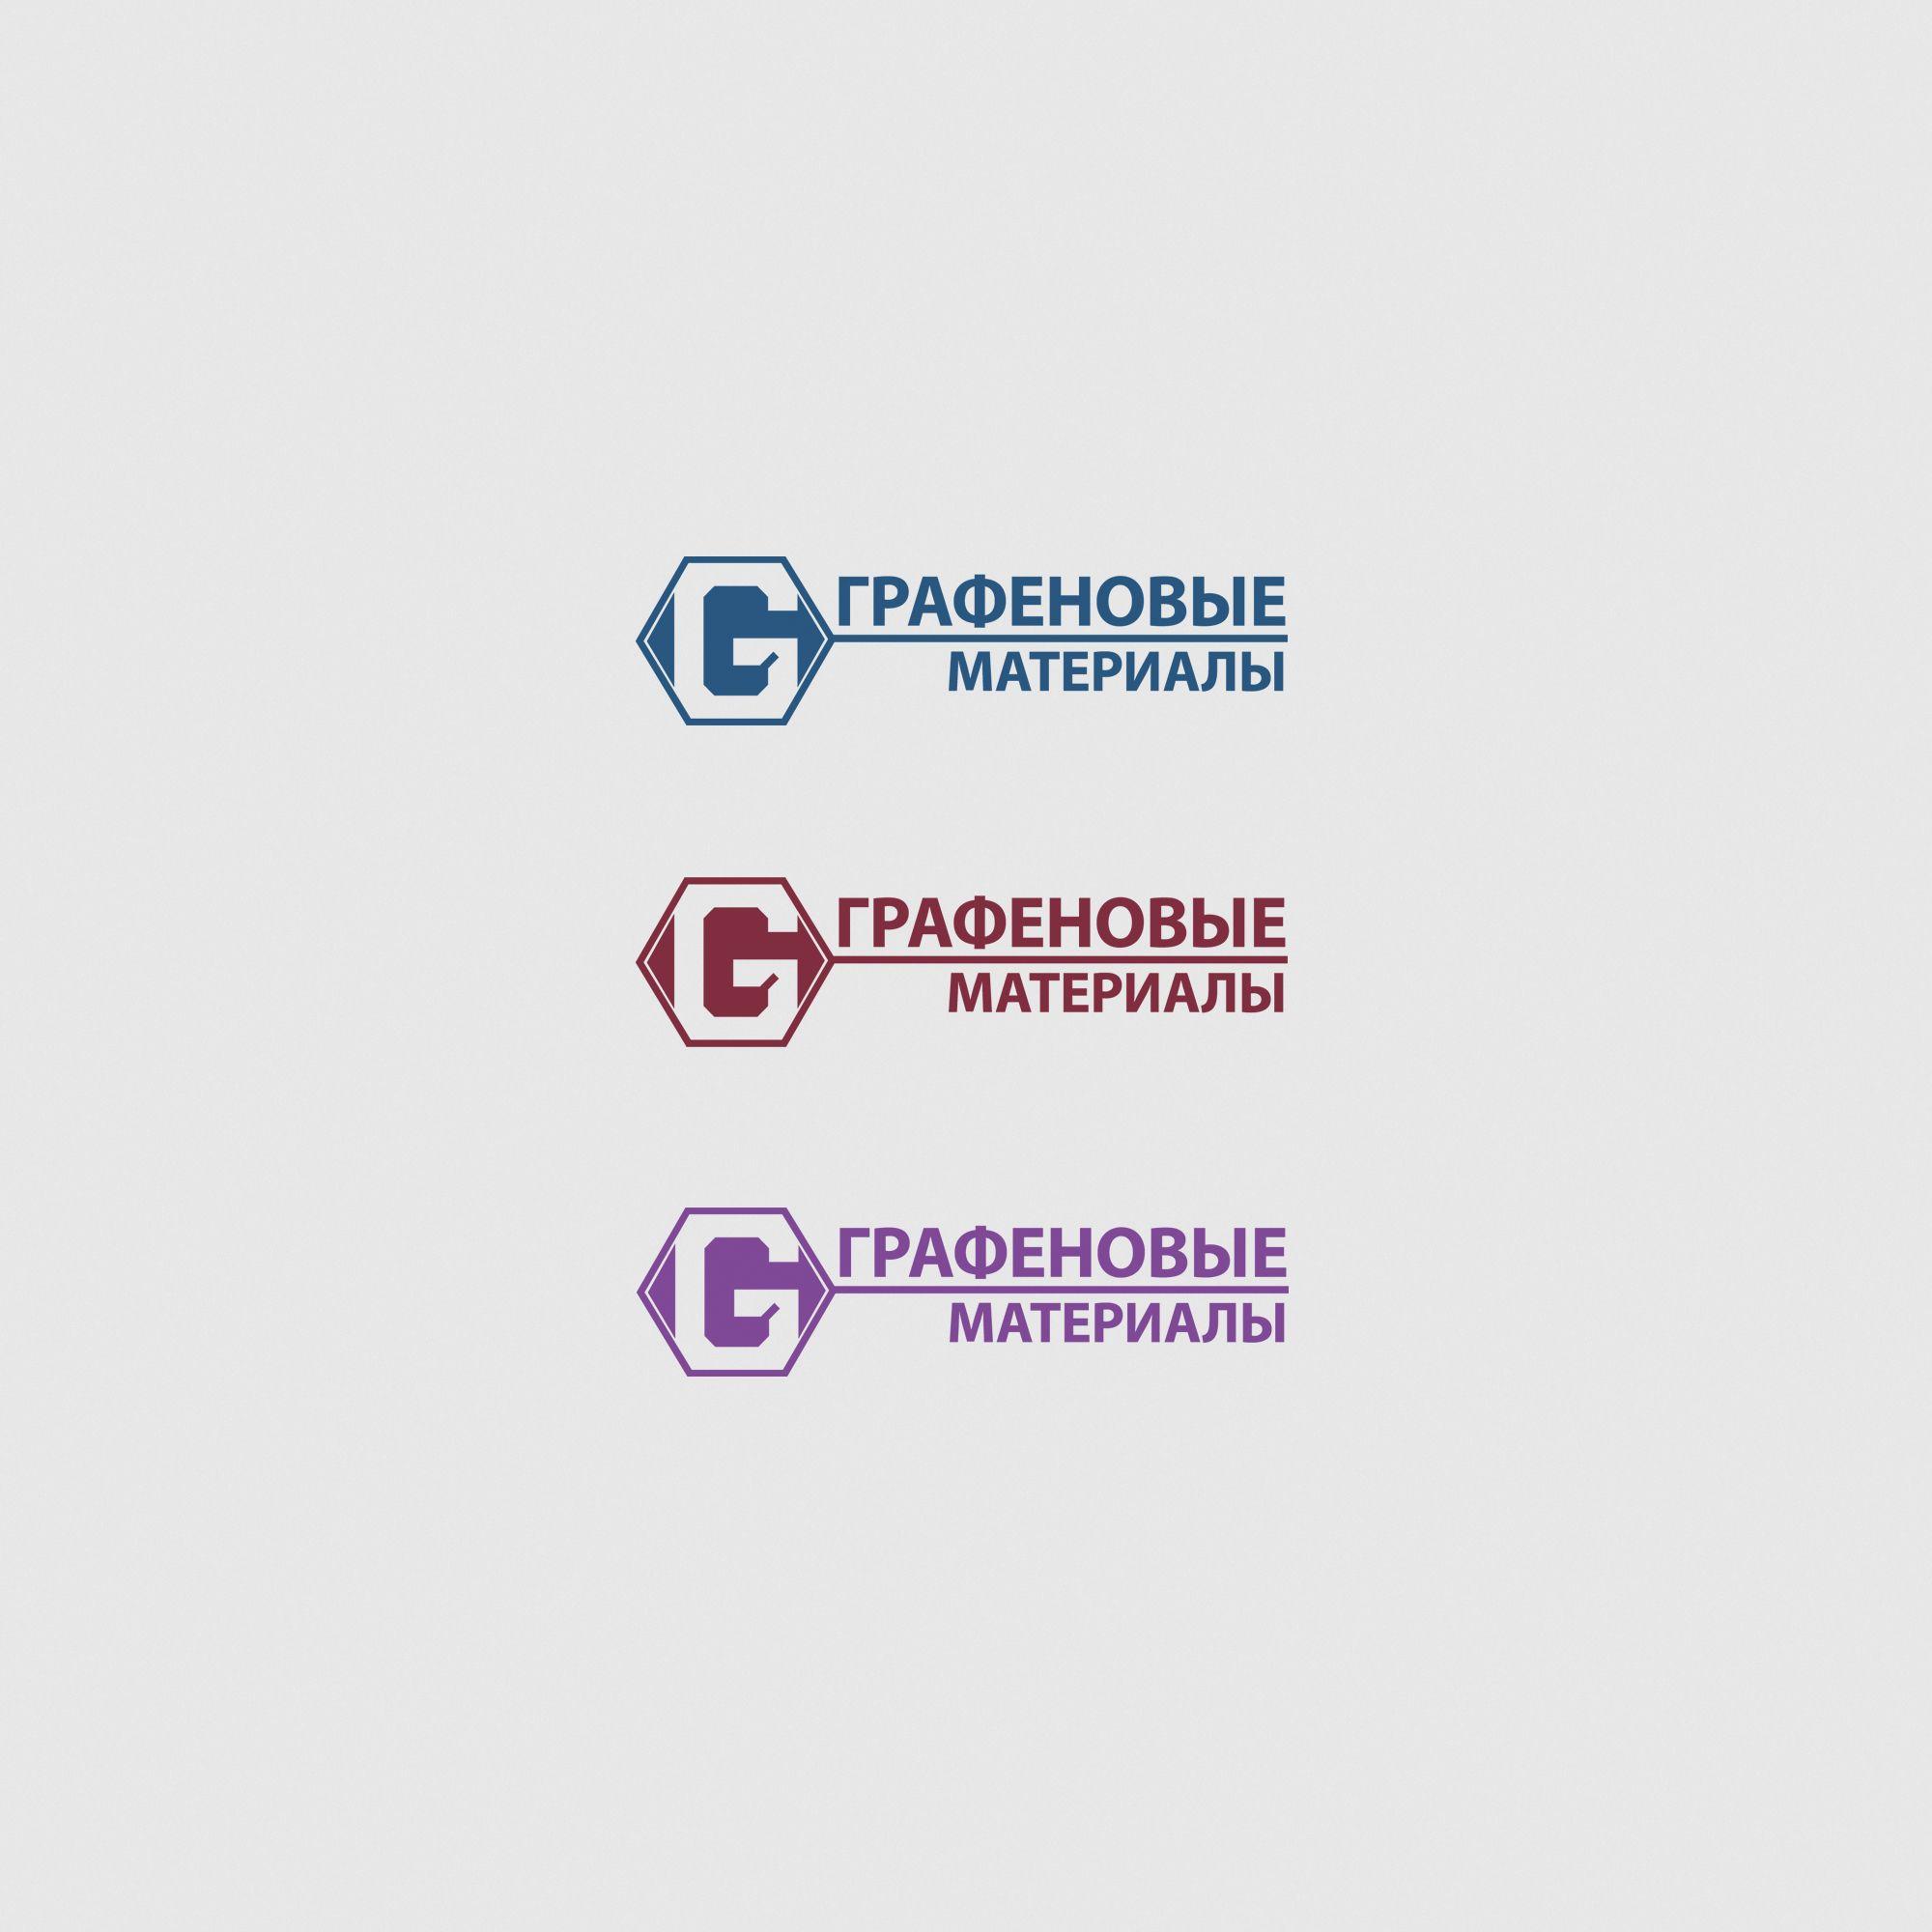 Логотип и ФС для производителя графена - дизайнер Gas-Min